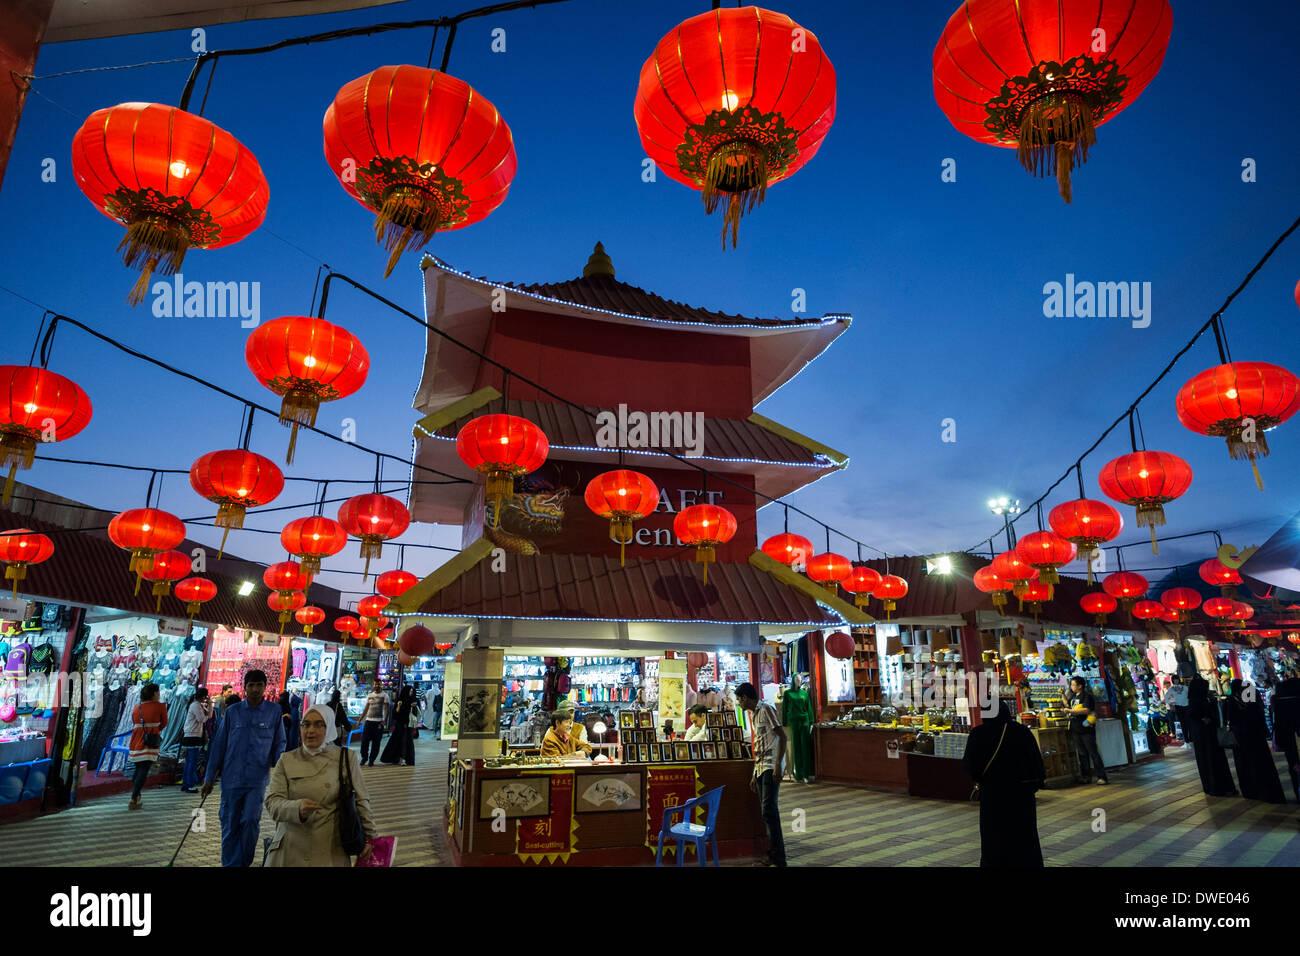 China-Pavillon mit roten Laternen und Einkaufspassage im globalen Dorf kulturelle Sehenswürdigkeit in Dubai Vereinigte Arabische Emirate Stockbild